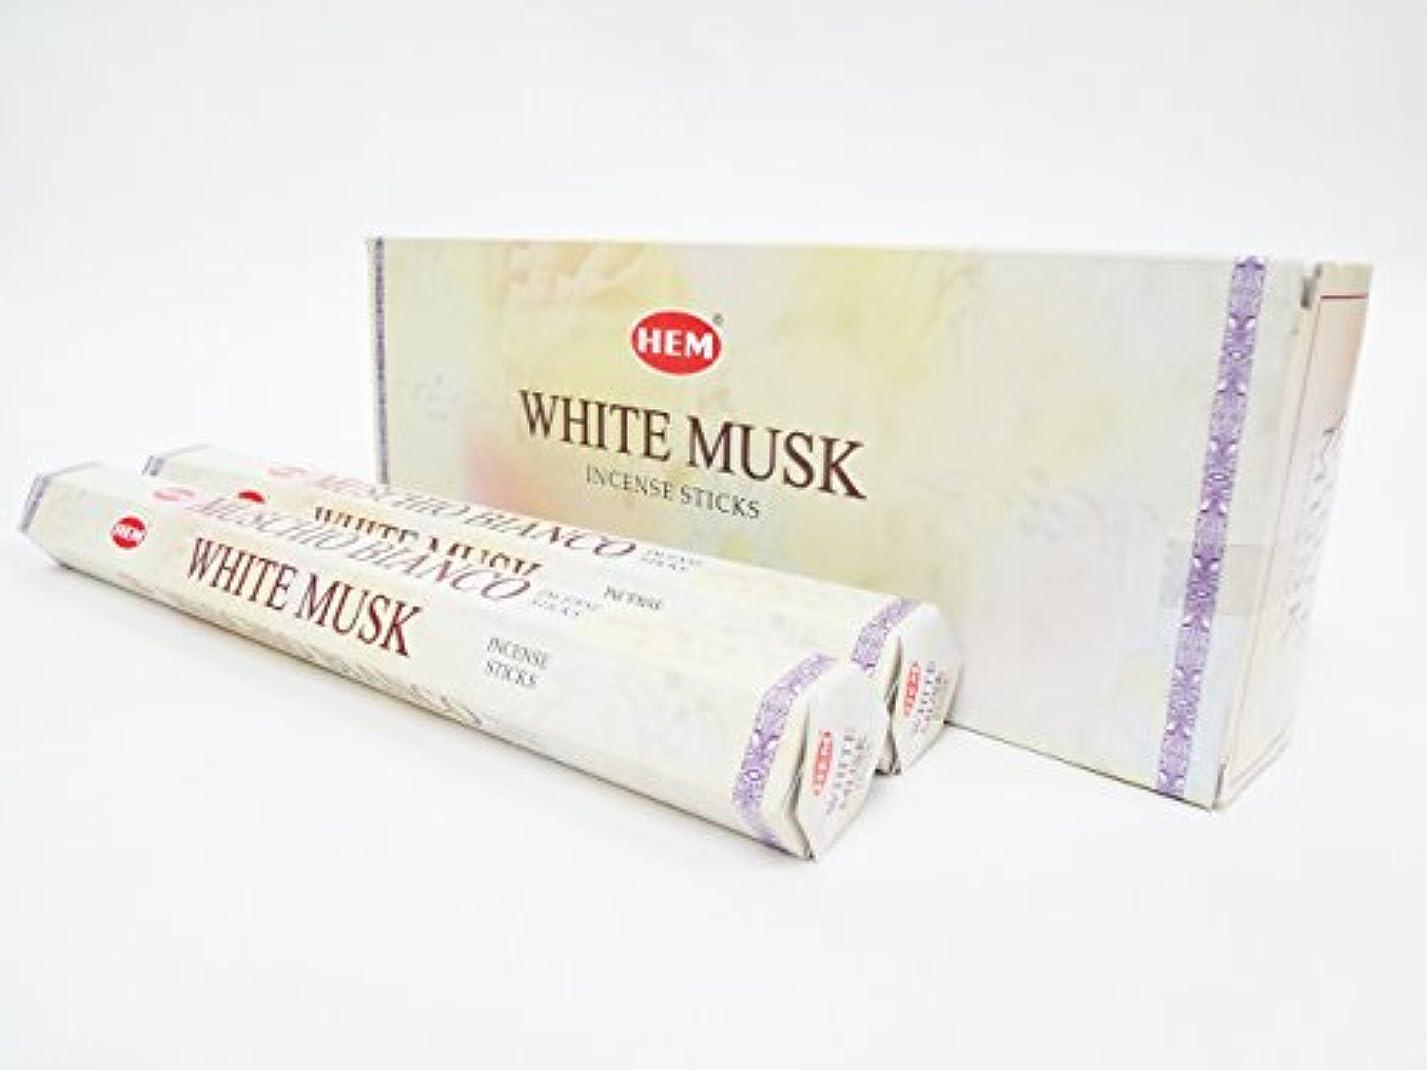 信頼できるセンチメンタル食事を調理するHEM ヘム ホワイトムスク WHITEMUSK ステック お香 6本 セット